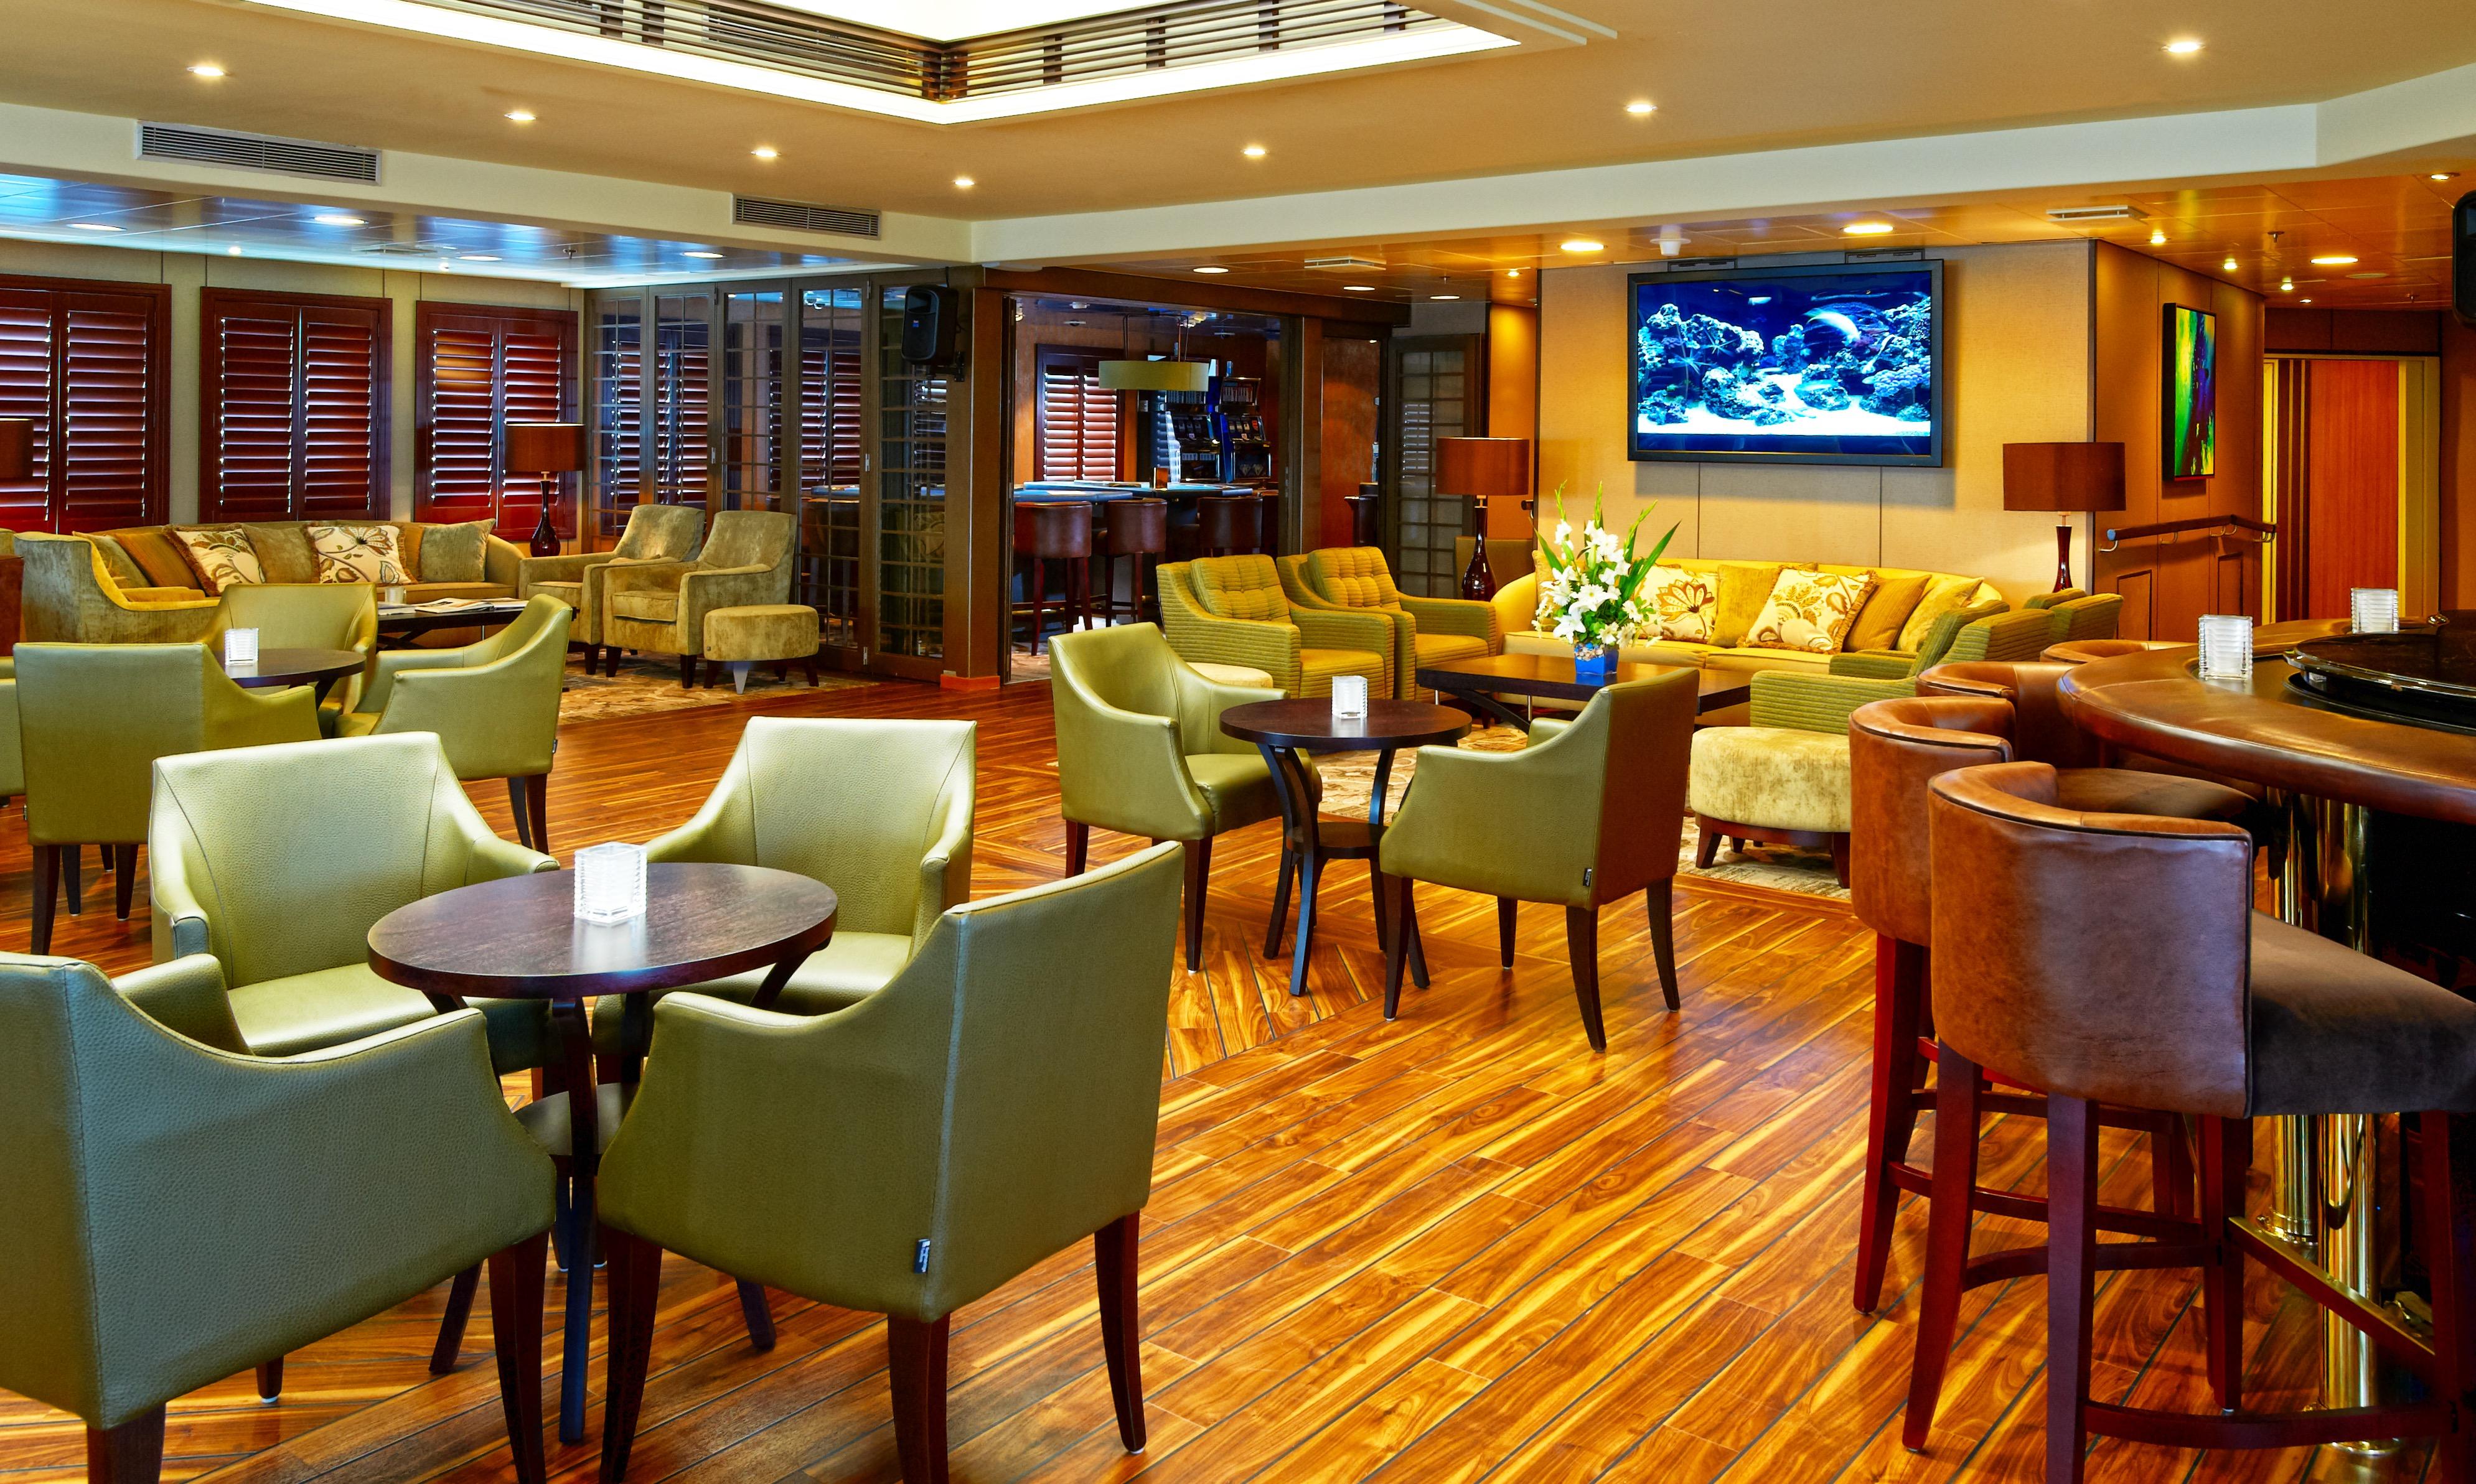 Windstar Wind Star & Wind Spirit Interior The Lounge 1.jpg